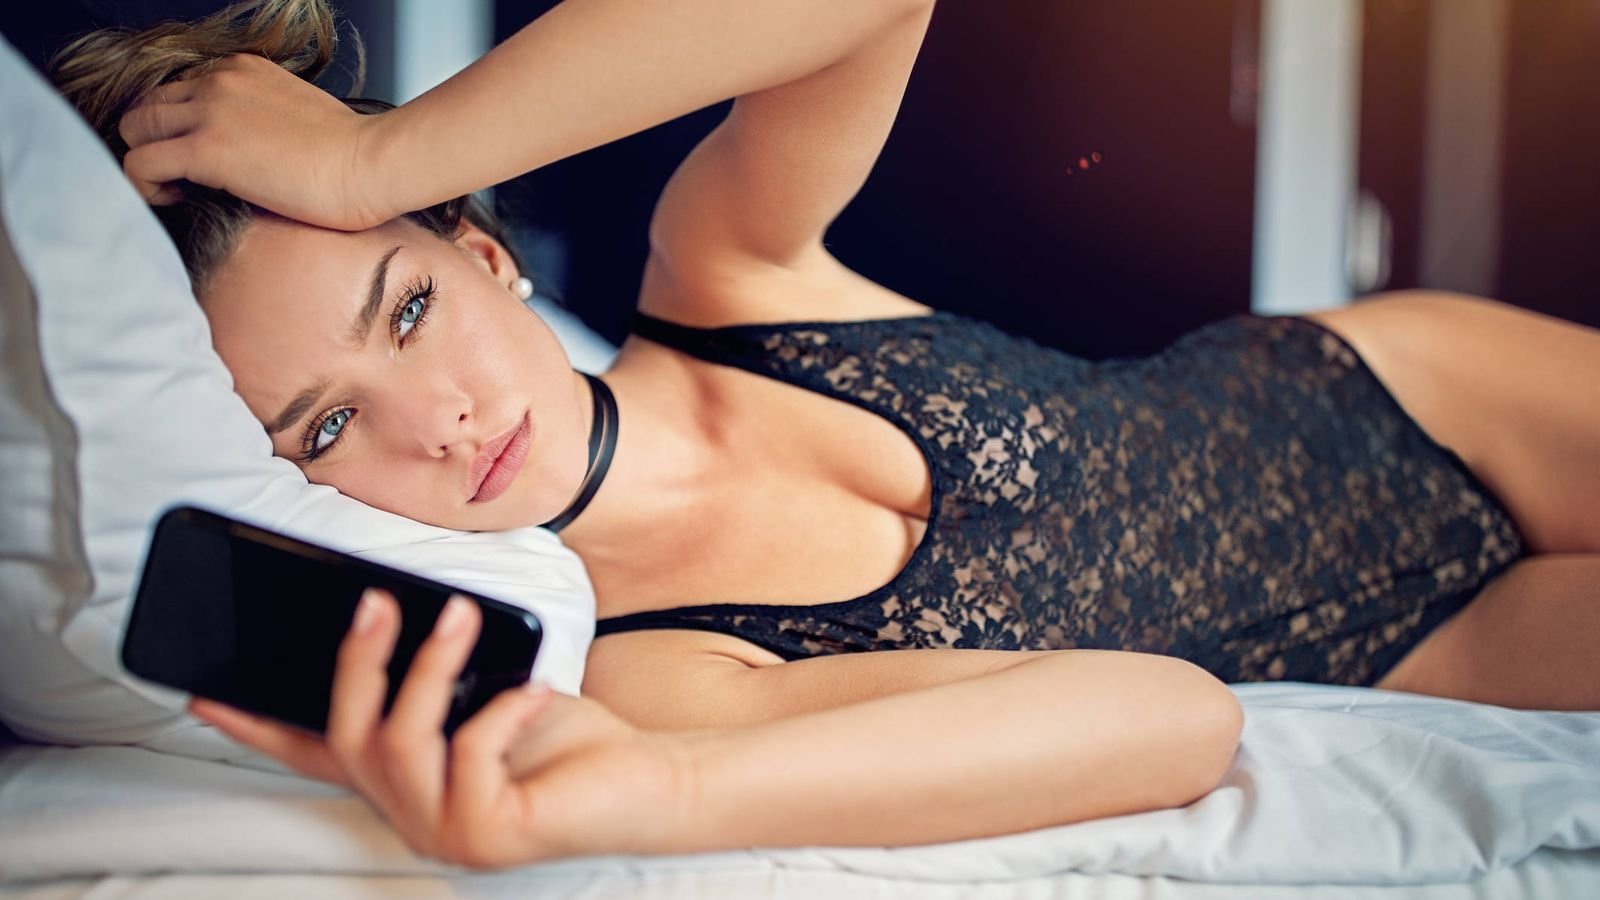 Os gusta el porno chicas Sexo Lo Que Mas Me Excita Este Es El Porno Que Les Gusta A Las Mujeres